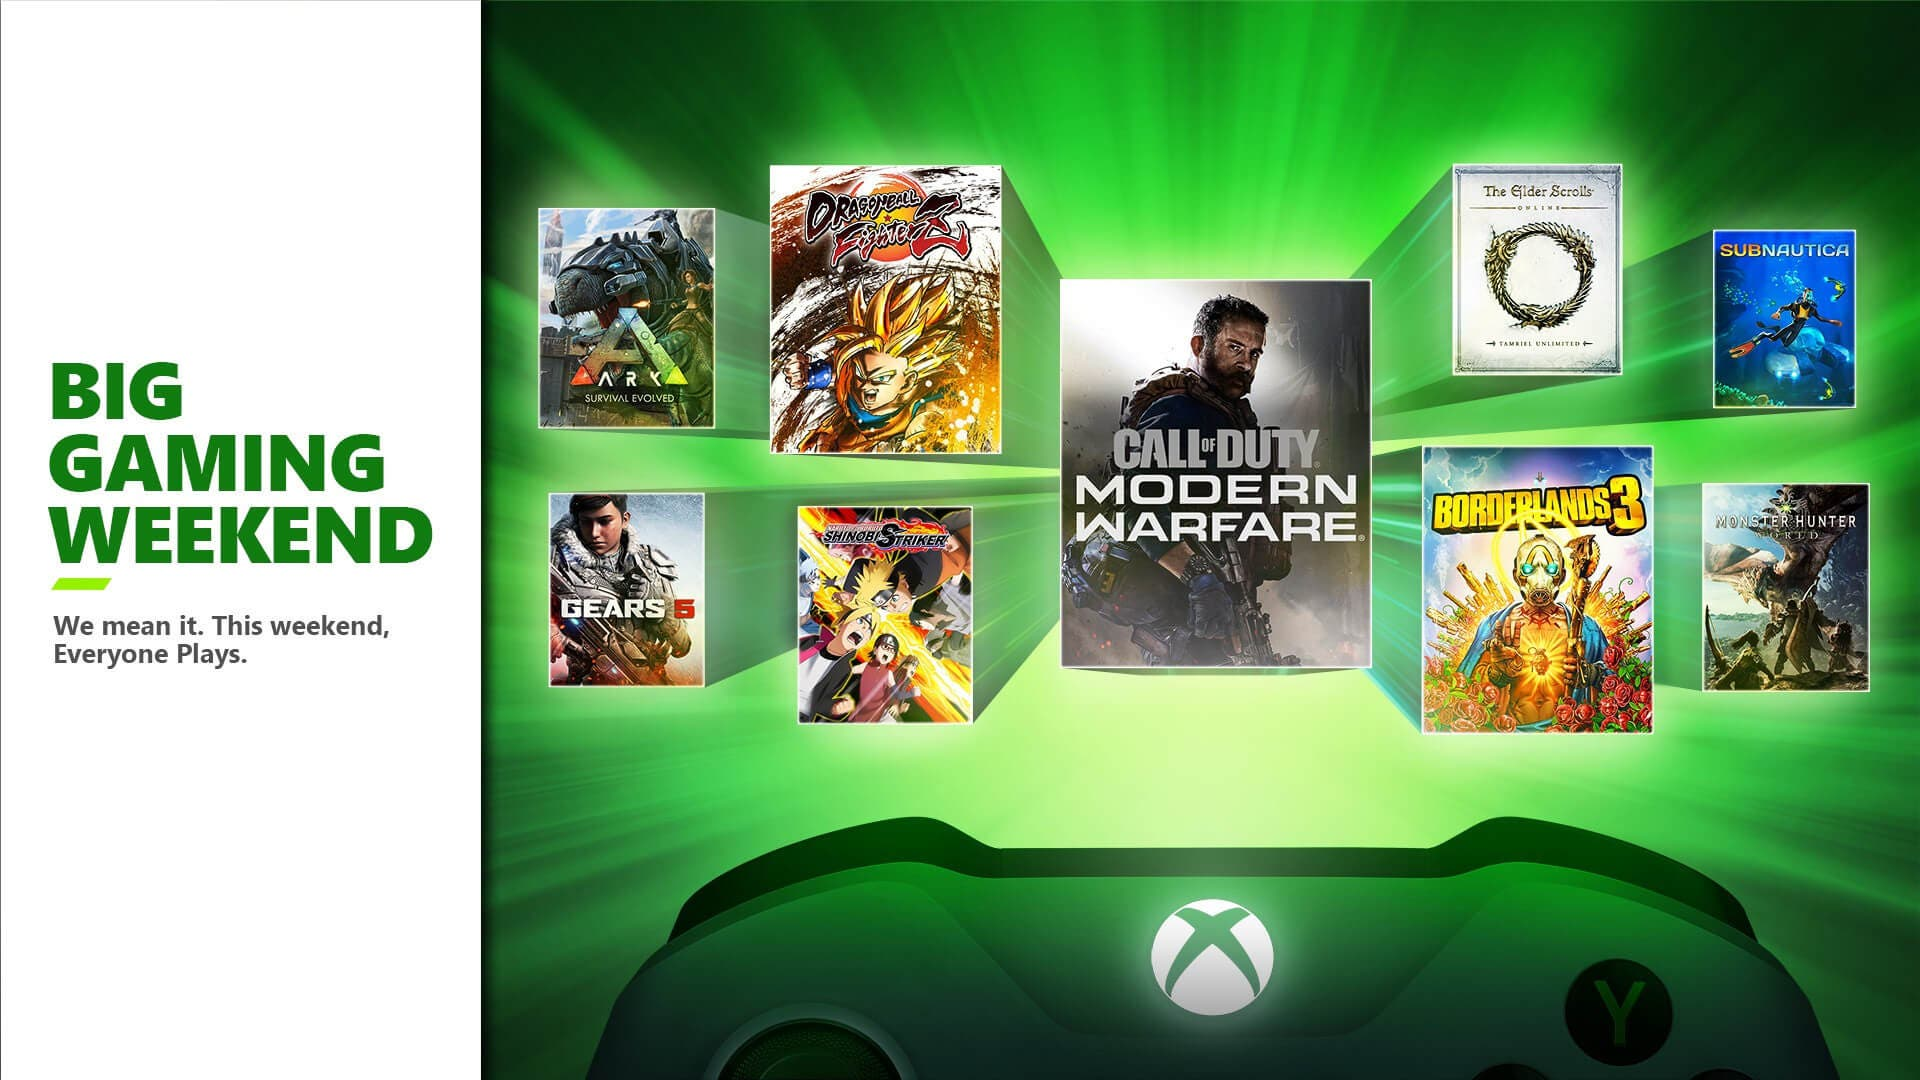 Big Gaming Weekend en Xbox One y PC con 10 juegos gratis sin necesidad de Gold o Game Pass